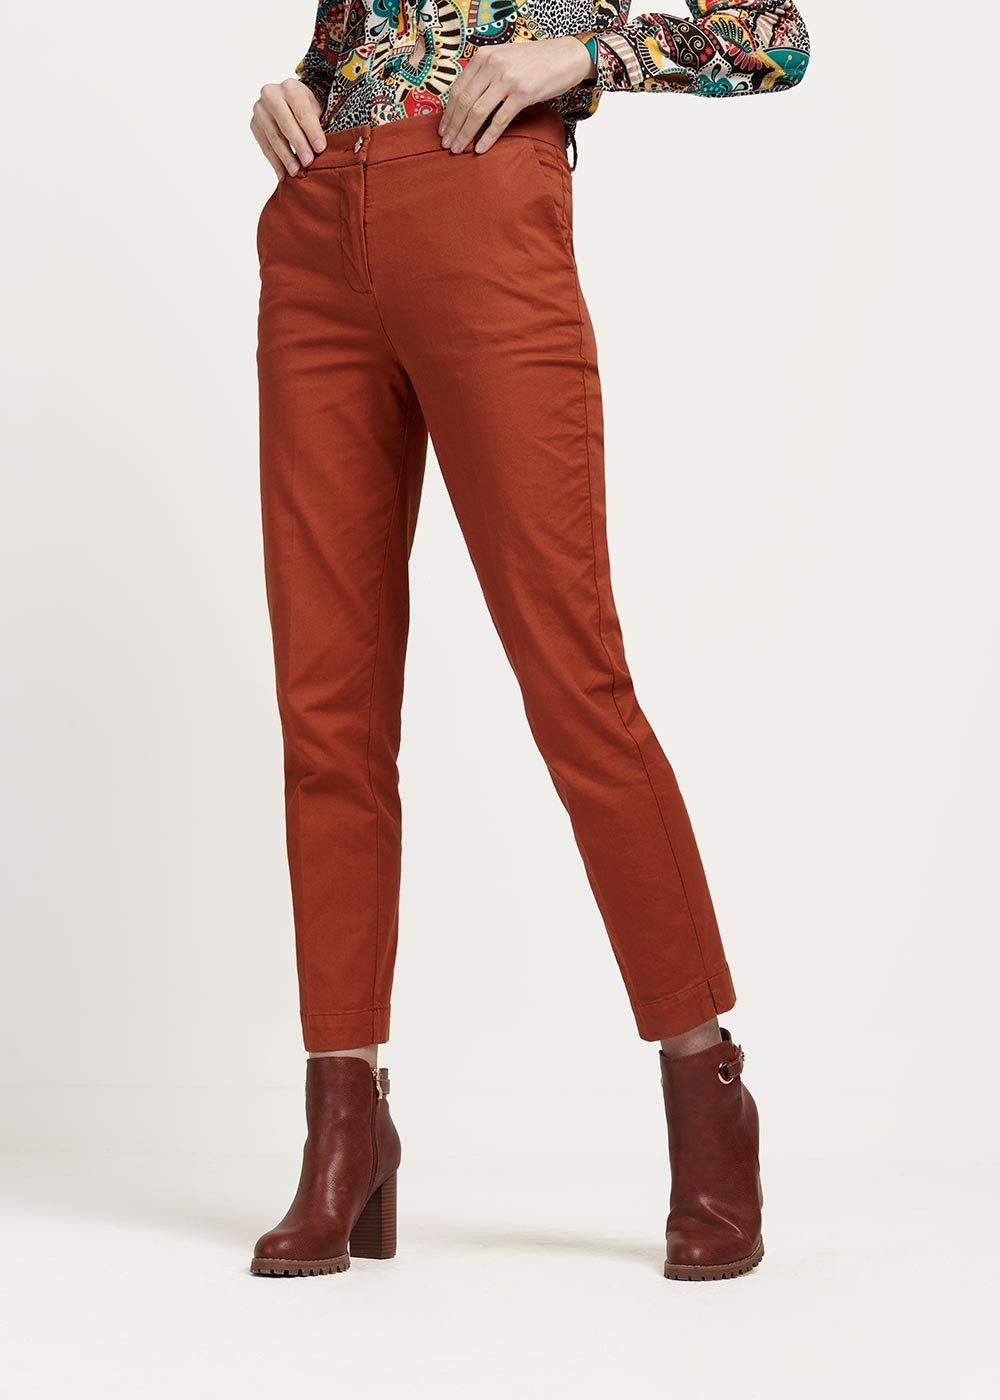 Pantalone modello Alice colore cannella - Cannella - Donna